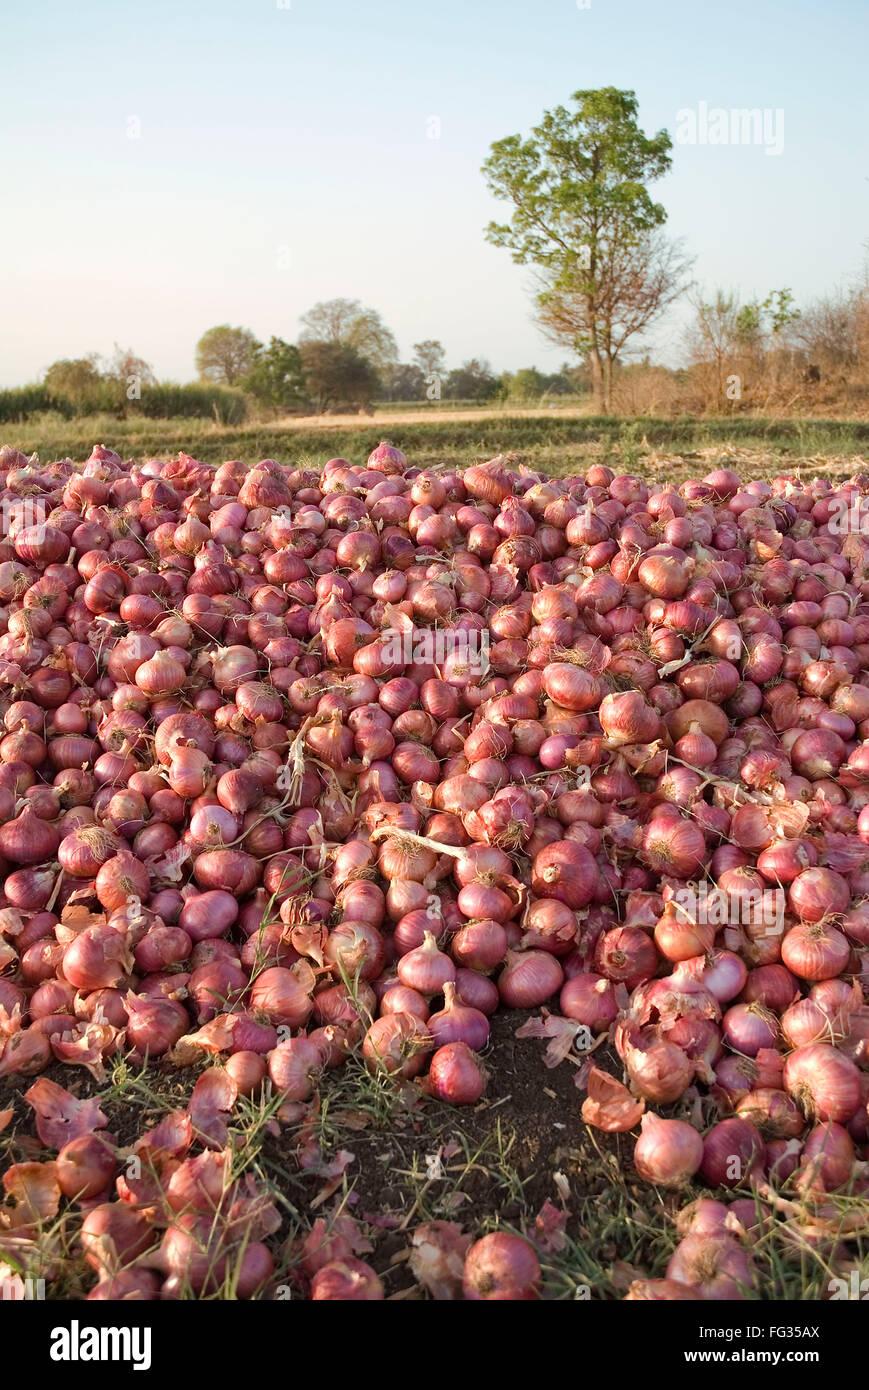 Haufen von dunkelhäutigen Zwiebeln Allium cepa Stockbild